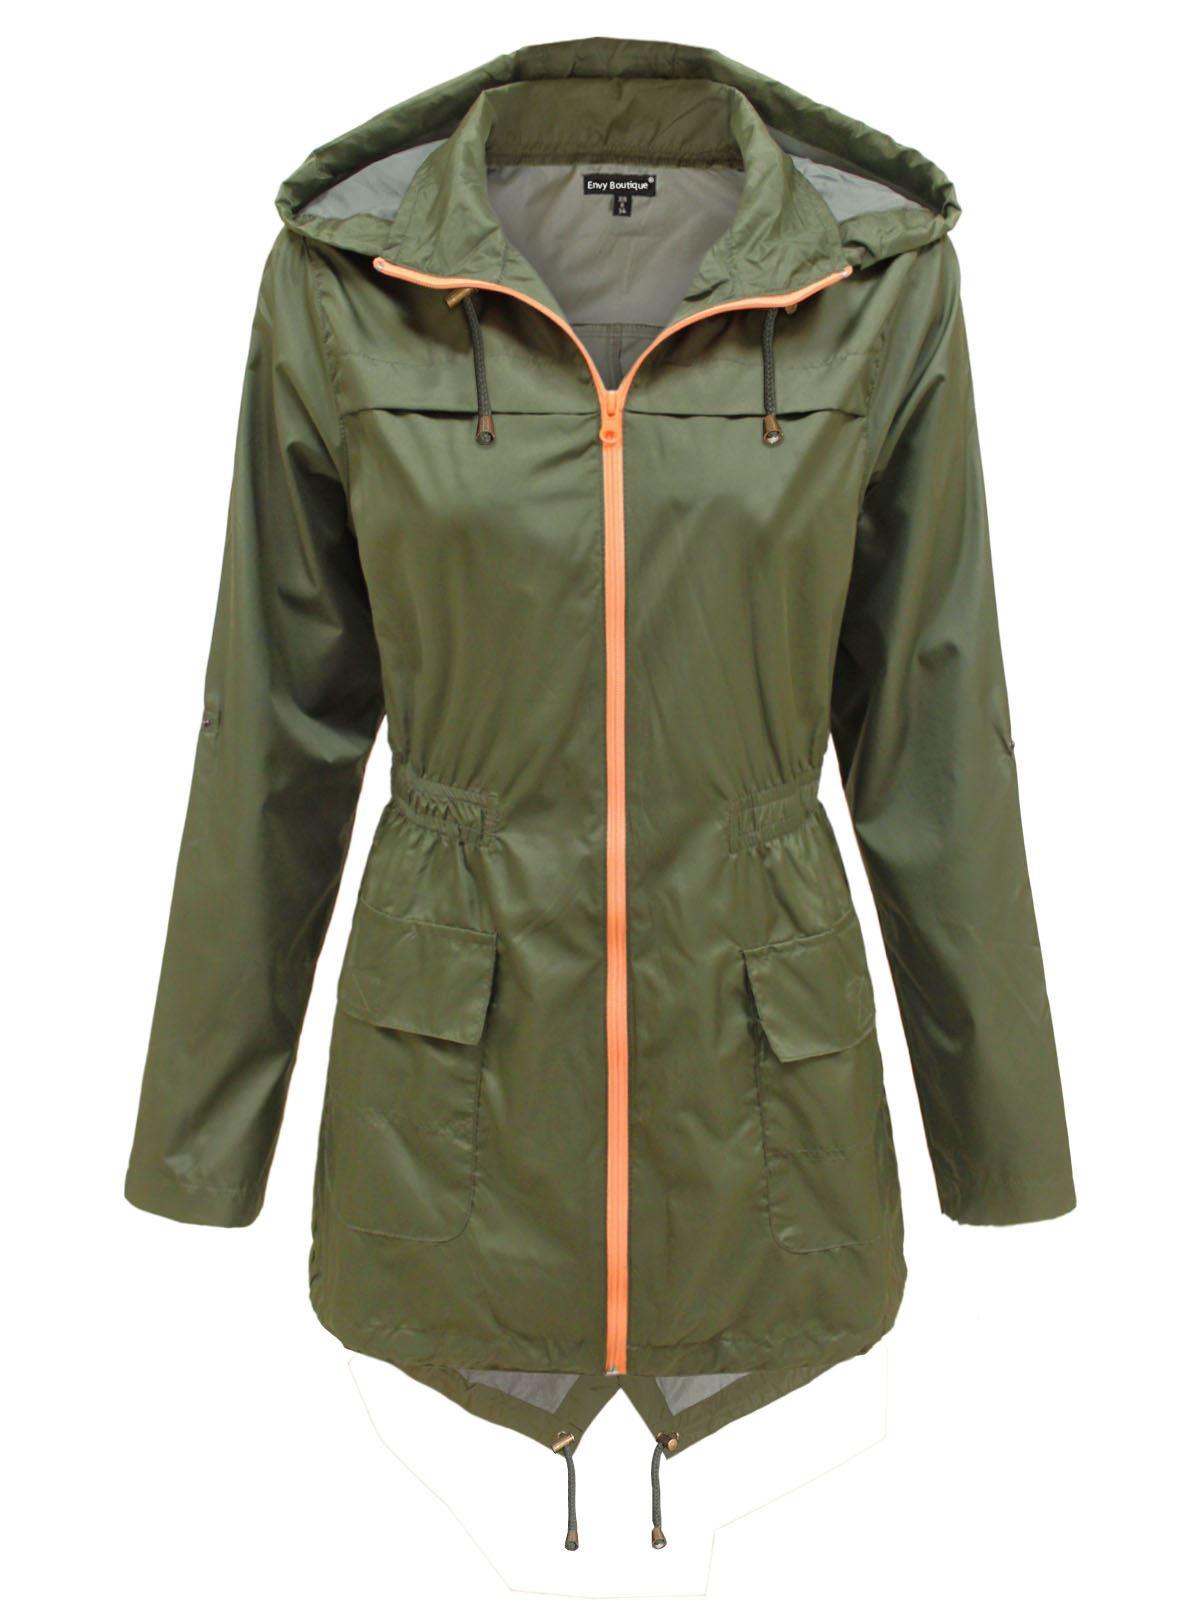 Womens fishtail parka coats